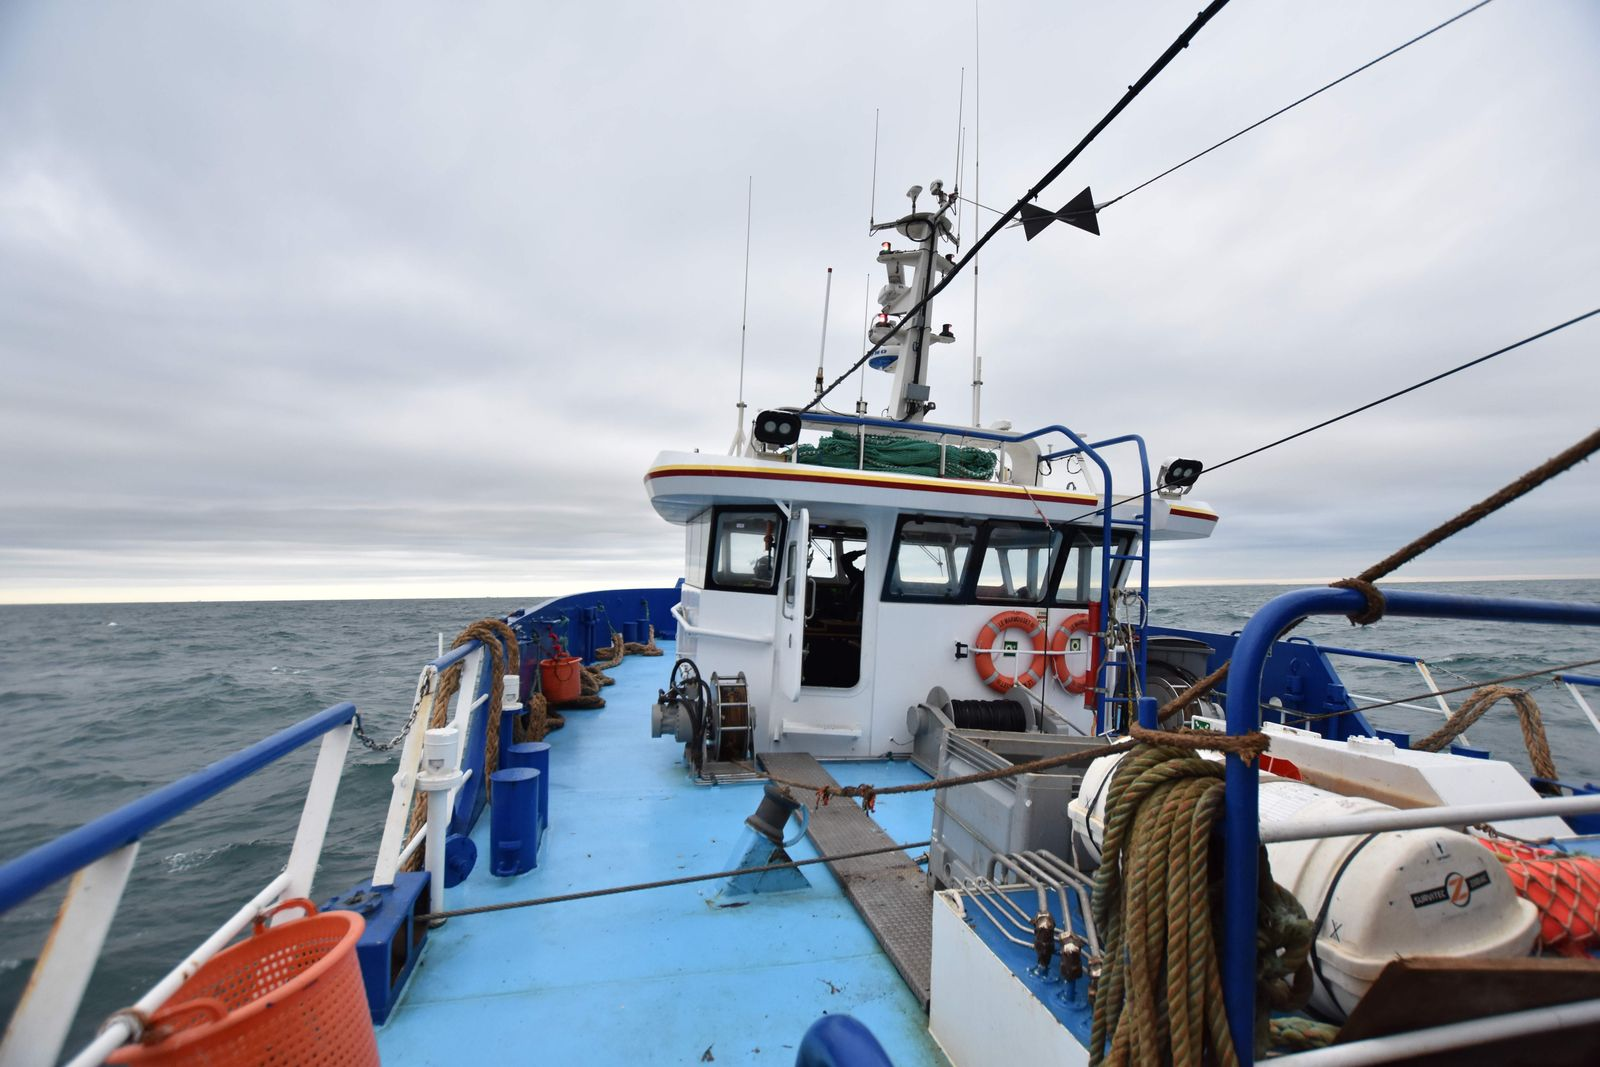 FRANCE-ECONOMY-FISHERY